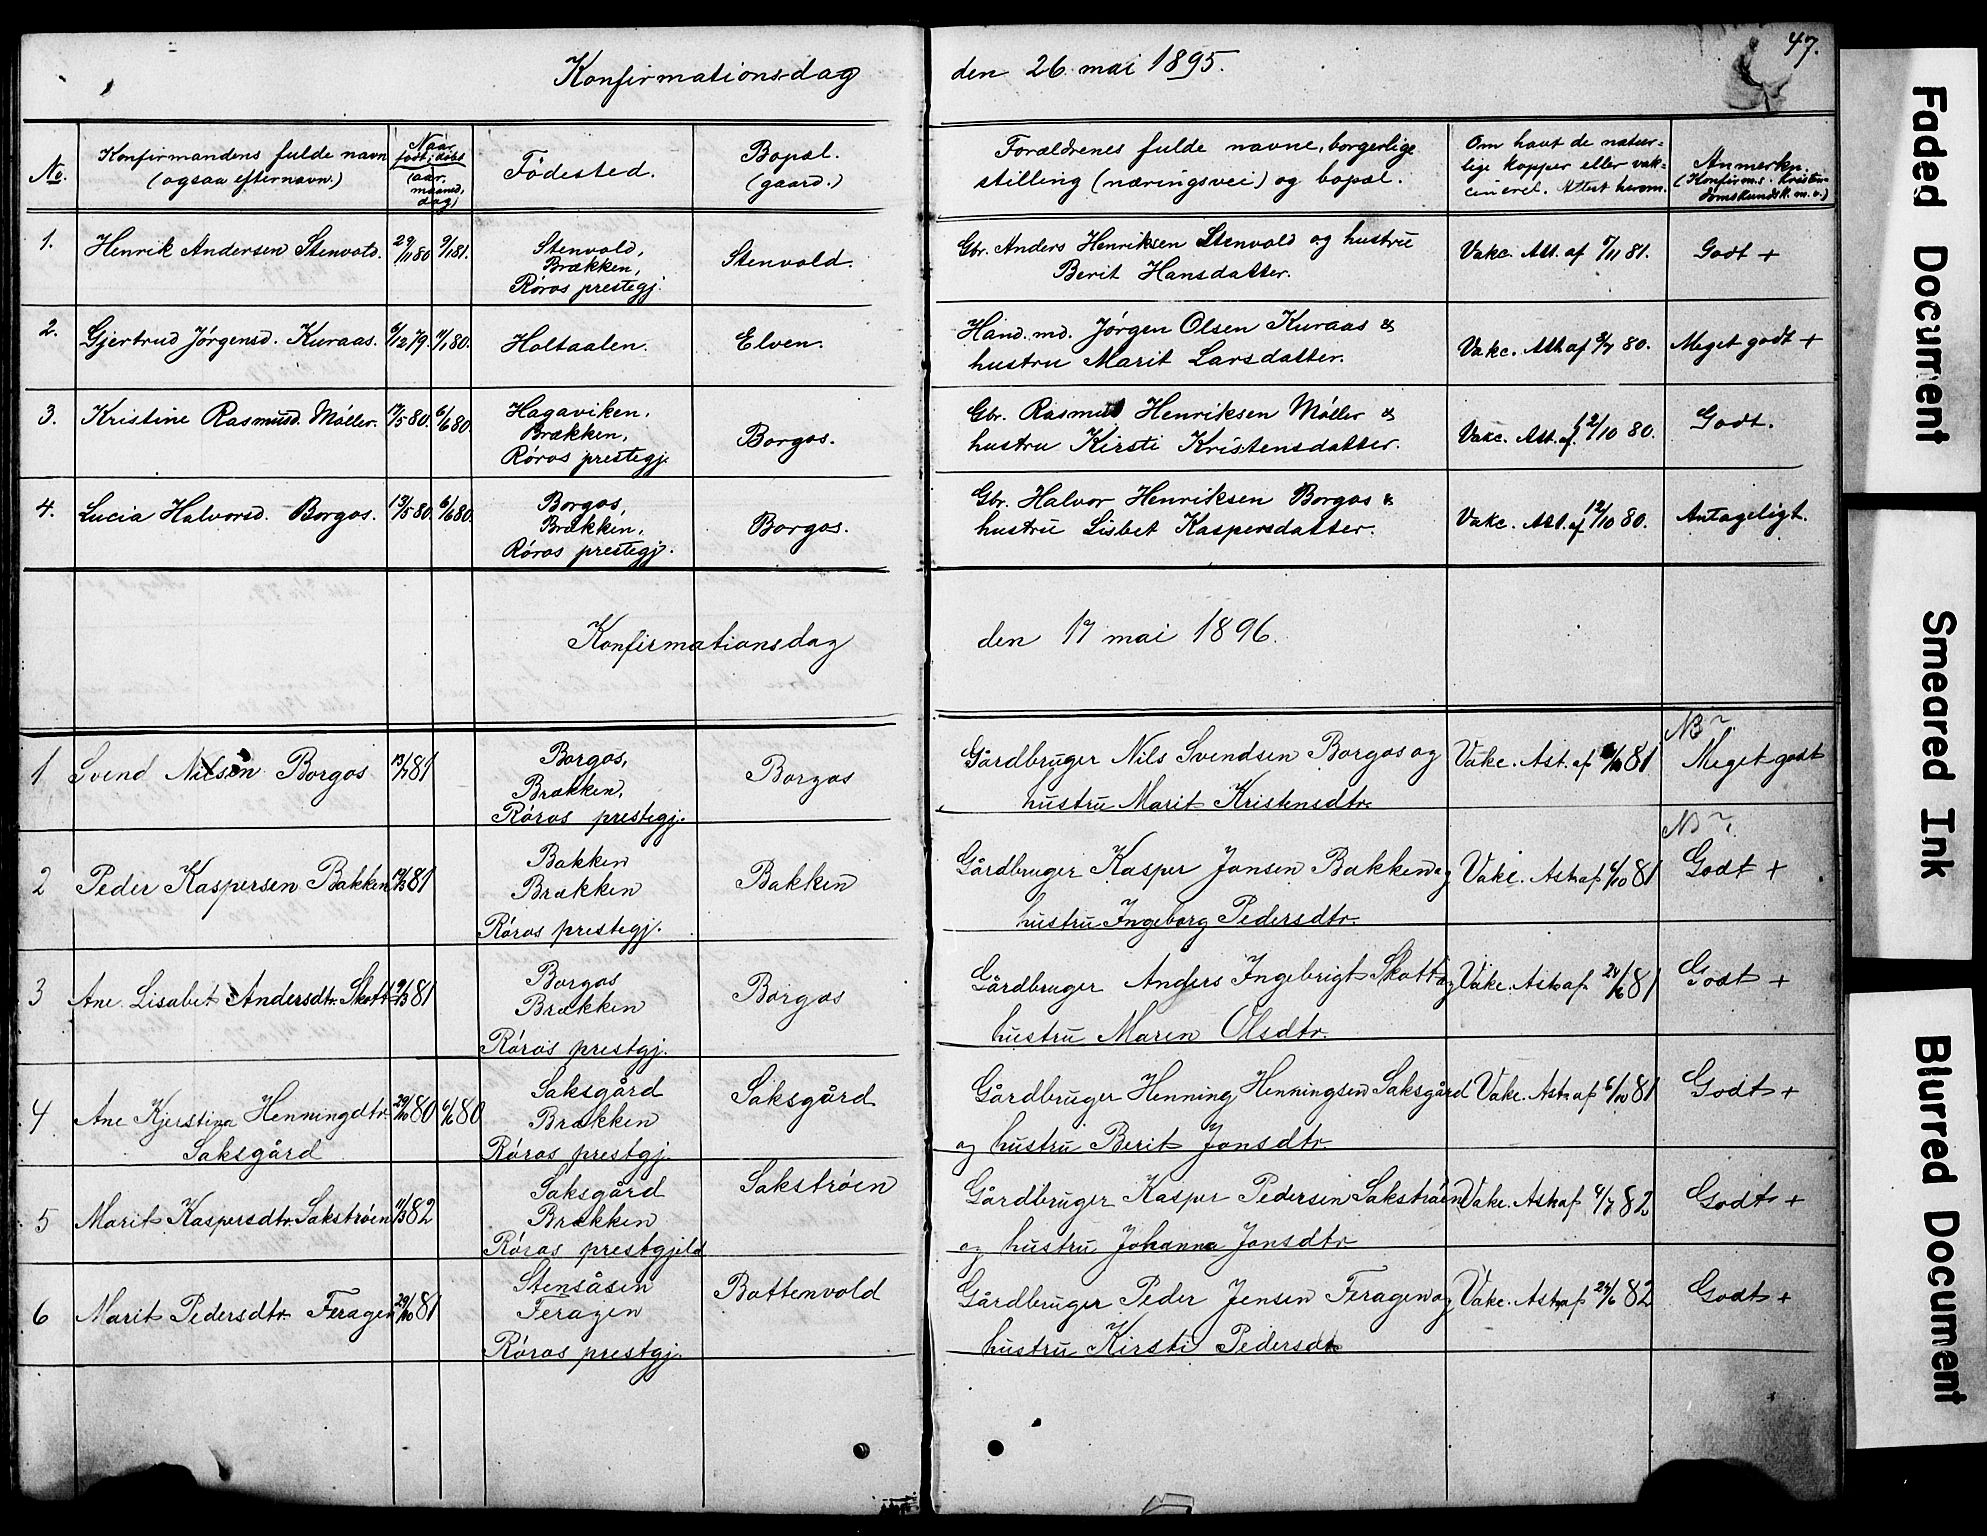 SAT, Ministerialprotokoller, klokkerbøker og fødselsregistre - Sør-Trøndelag, 683/L0949: Klokkerbok nr. 683C01, 1880-1896, s. 47